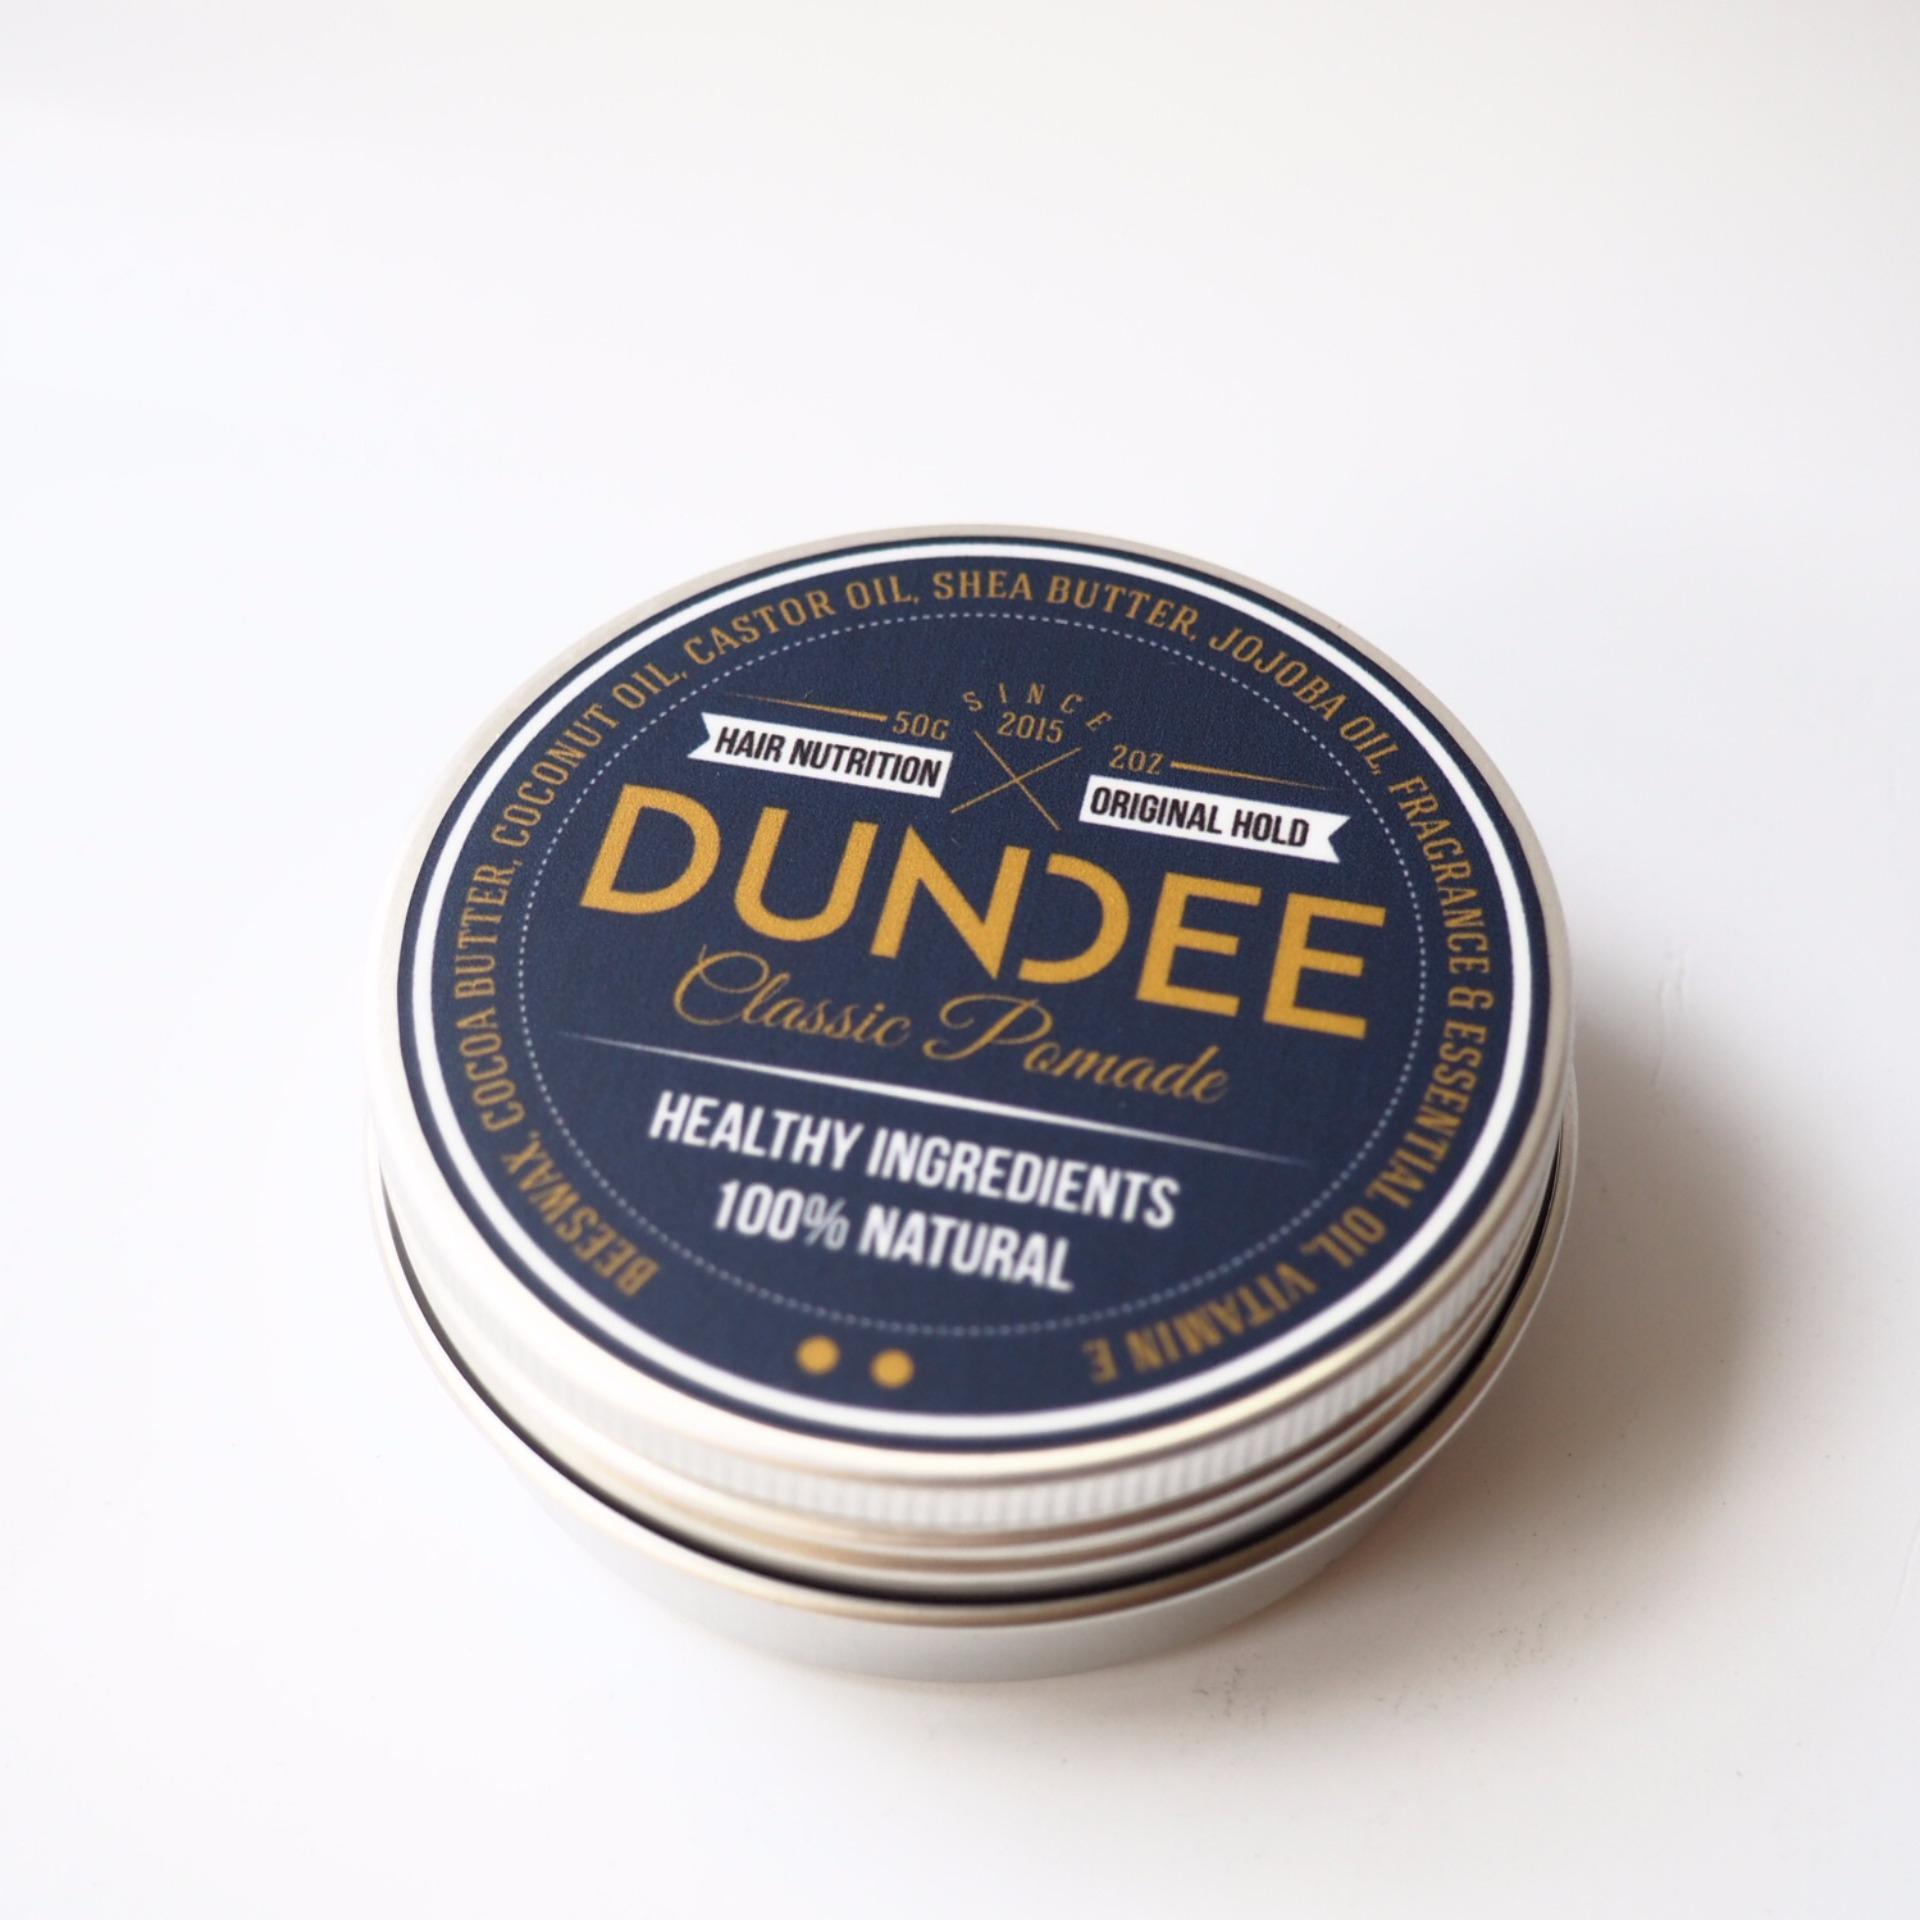 ULASAN DUNDEE Classic Pomade – Original Hold – 50g  100% Natural dan Organik  Sehat untuk rambut  Mencegah kerontokan Terbaik